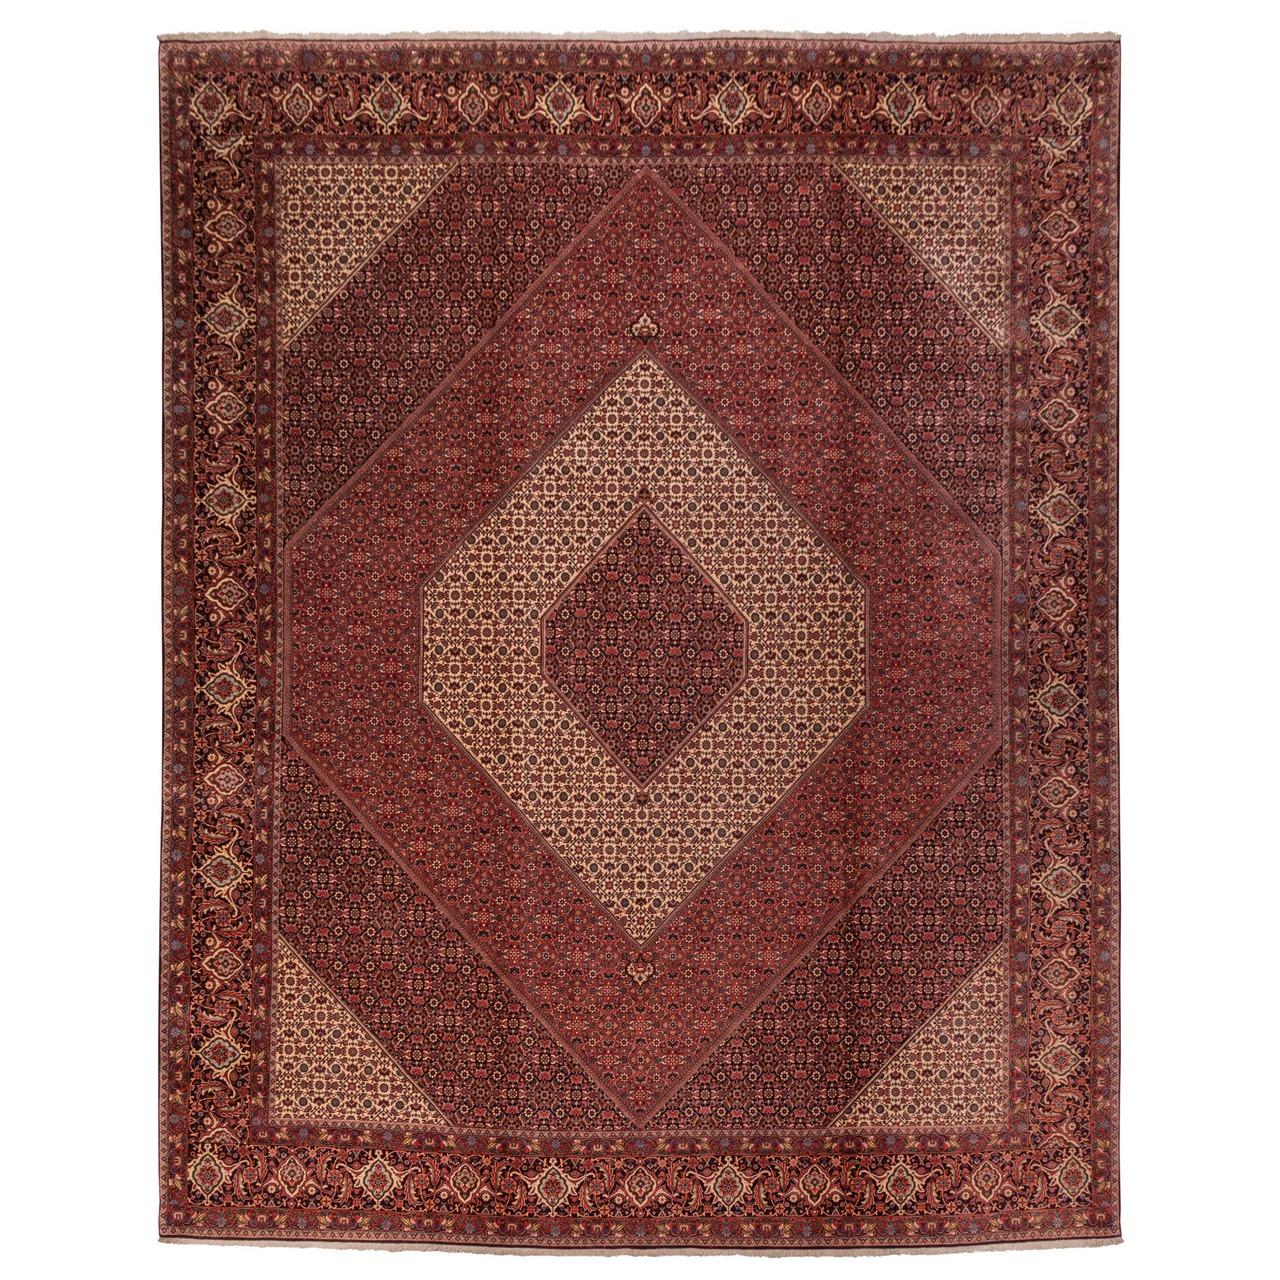 فرش دستباف یازده و نیم متری سی پرشیا کد 187119